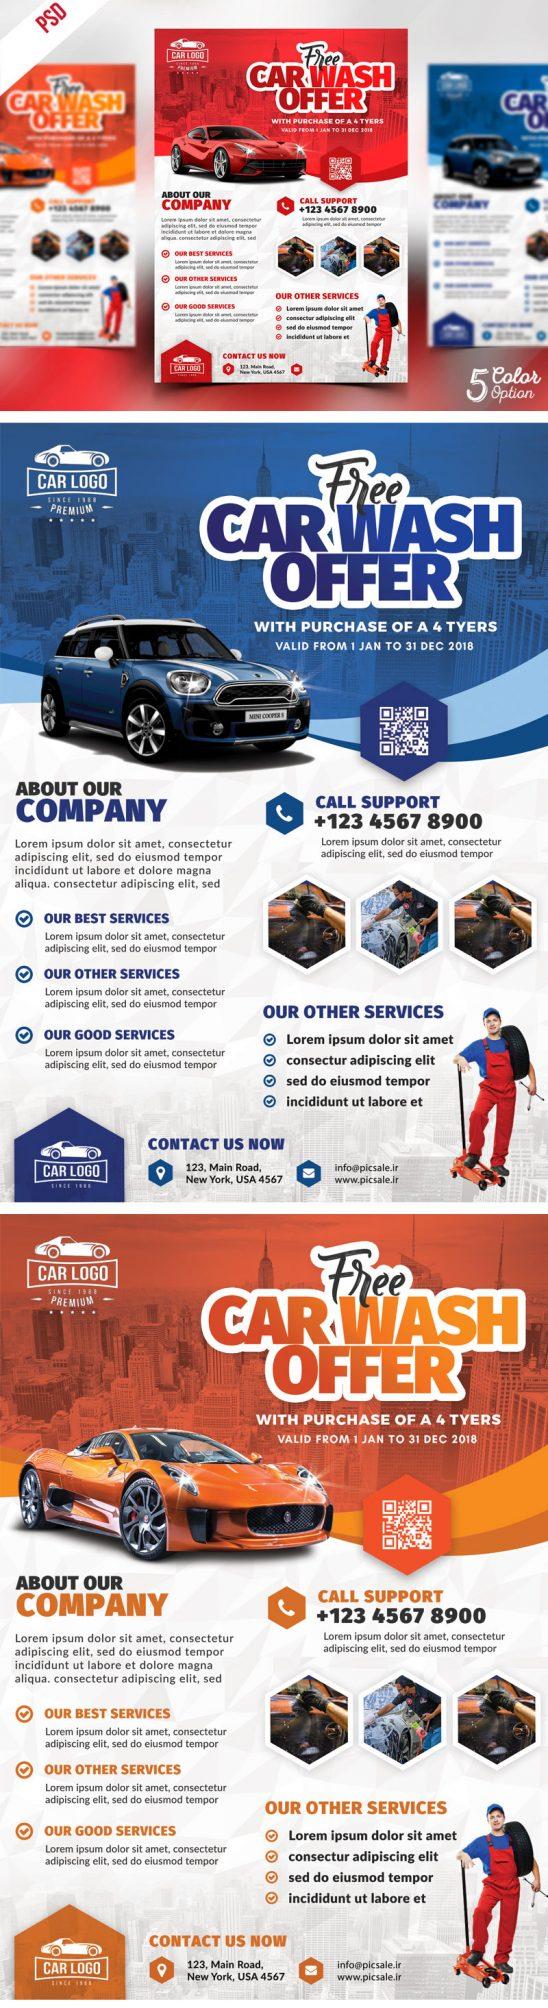 p352 548x2008 - لایه باز تراکت کارواش خدمات خودرو اتومبیل مکانیکی